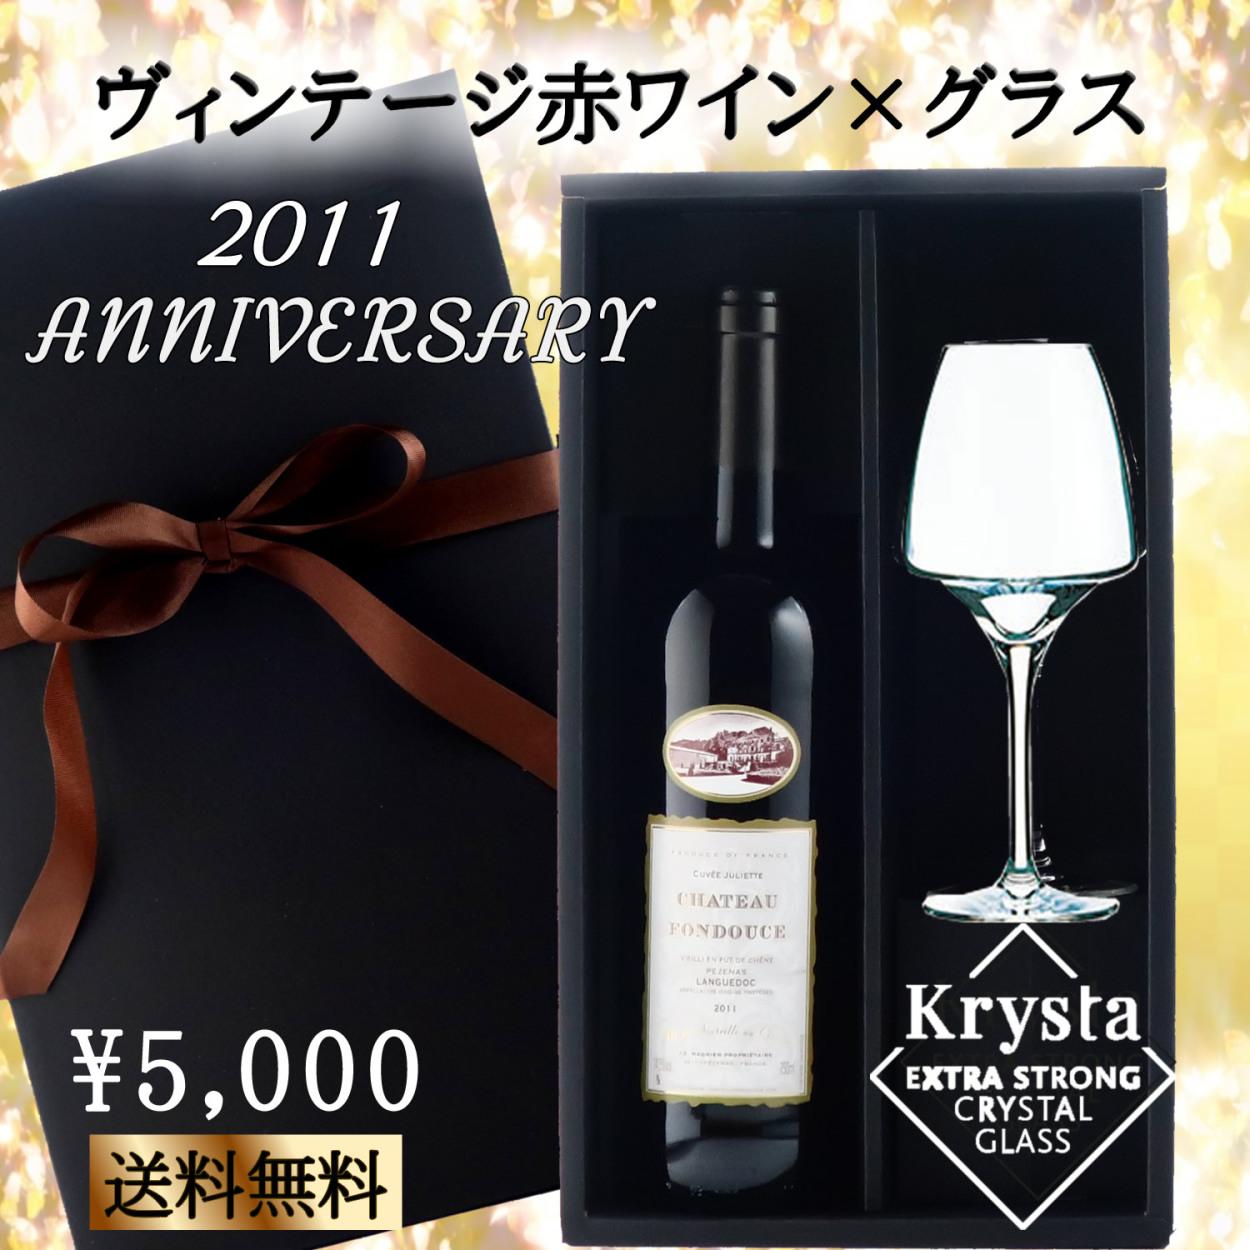 2011ヴィンテージ赤ワインとグラスのセット